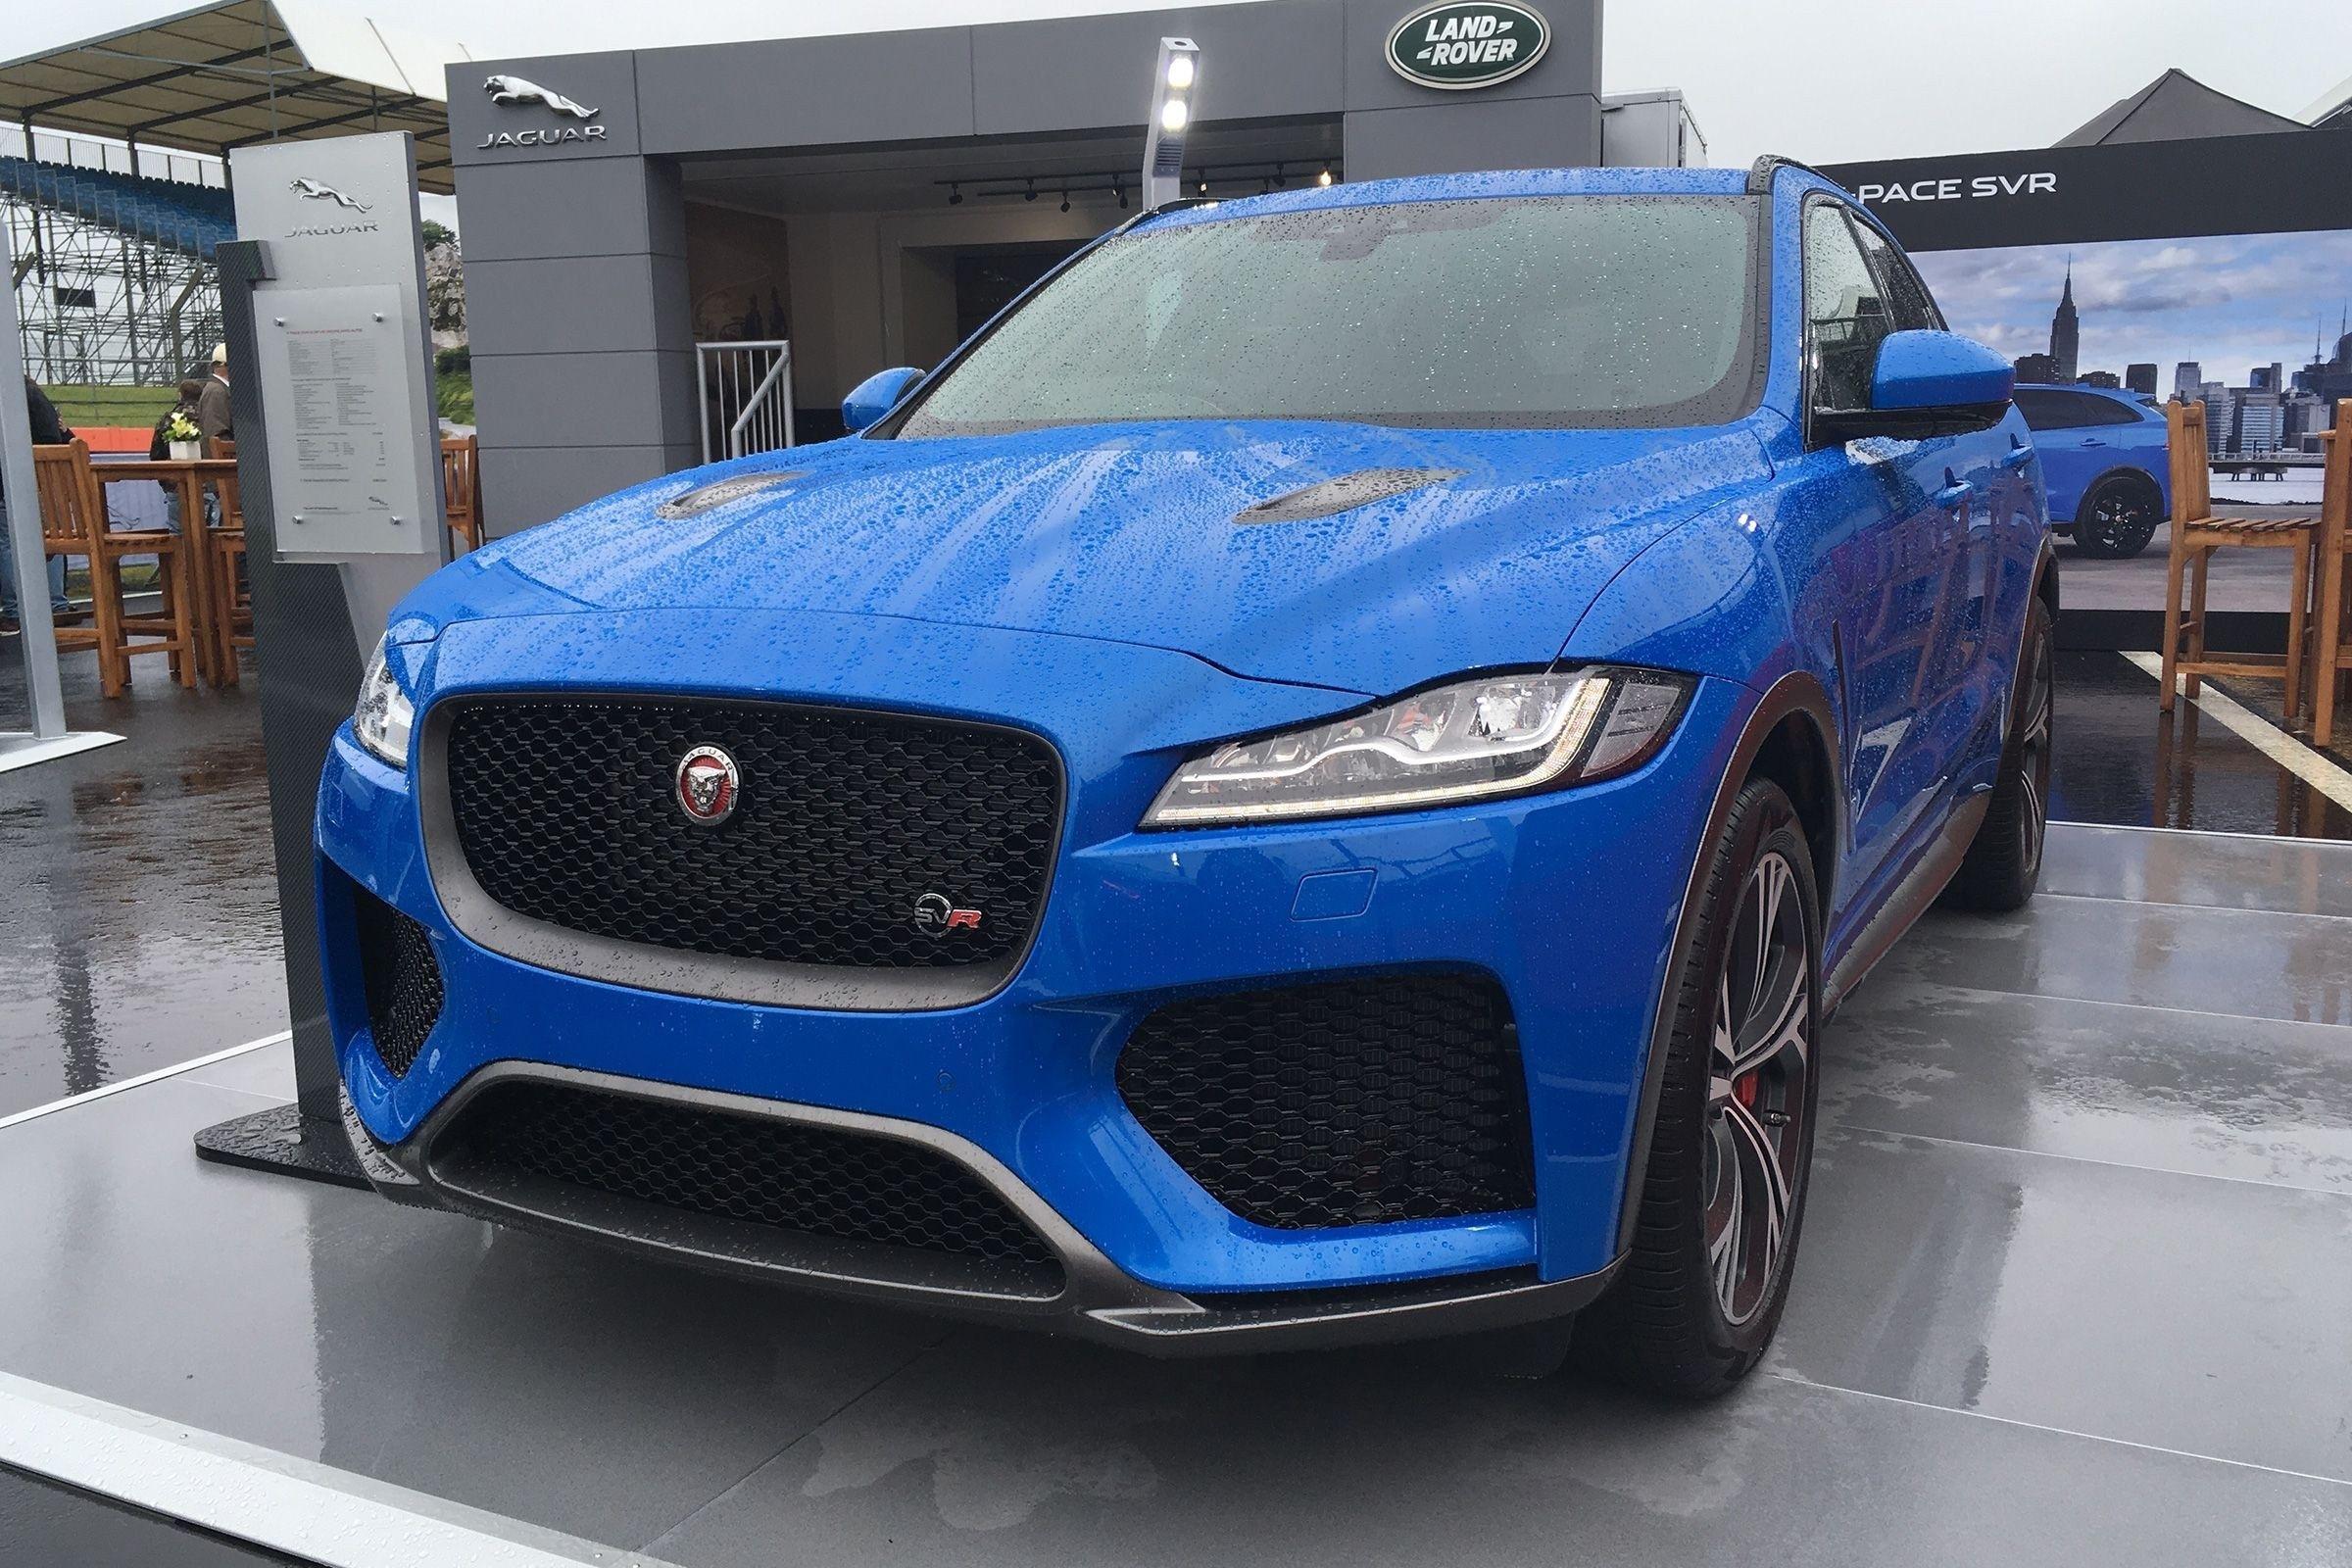 The 2020 Jaguar F Pace Svr Review And Specs Jaguar Pace New Cars